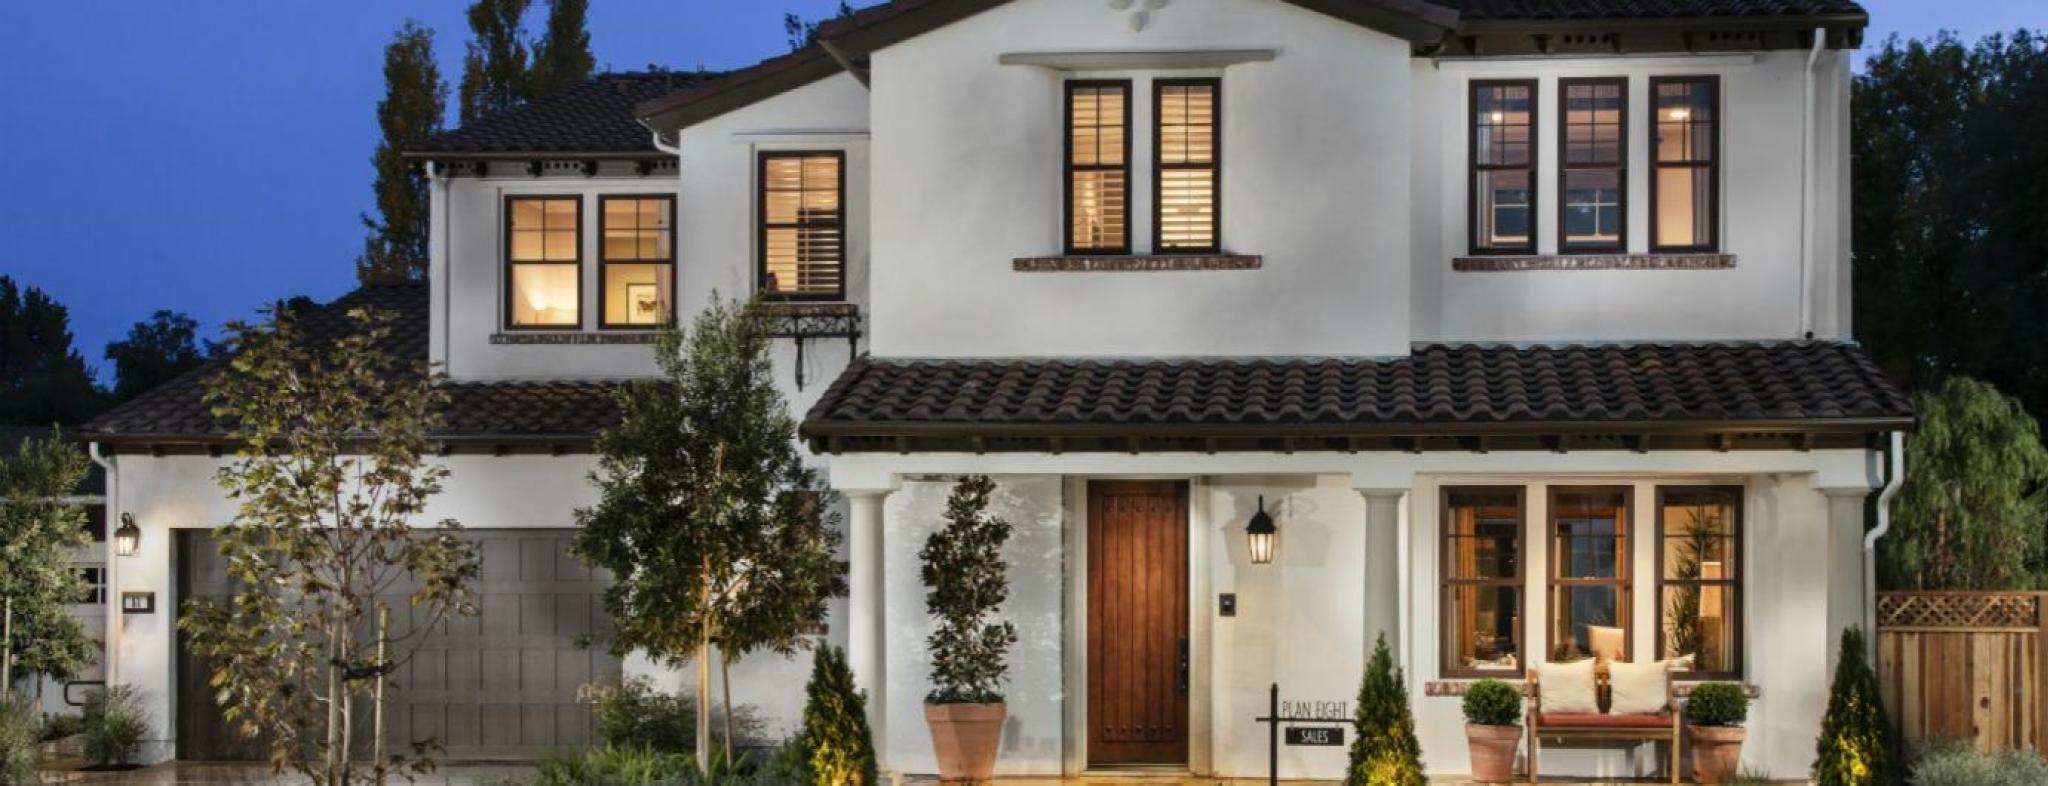 New home garden  Garden House  The New Home Company  the new home company